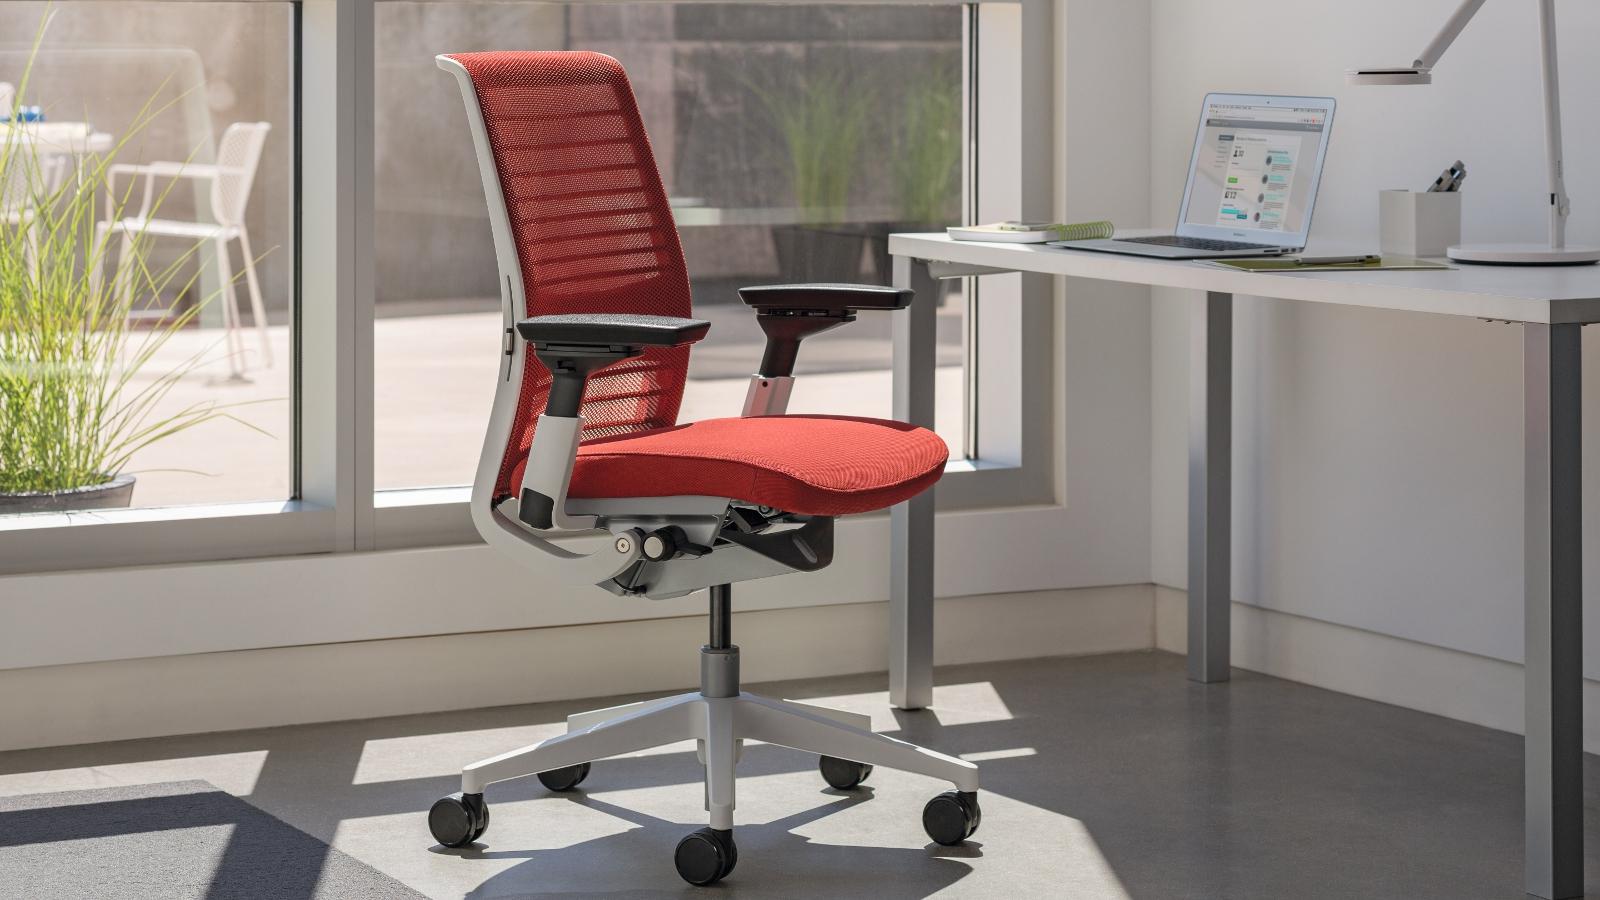 Silla Think sillas de escritorio ergonómicas